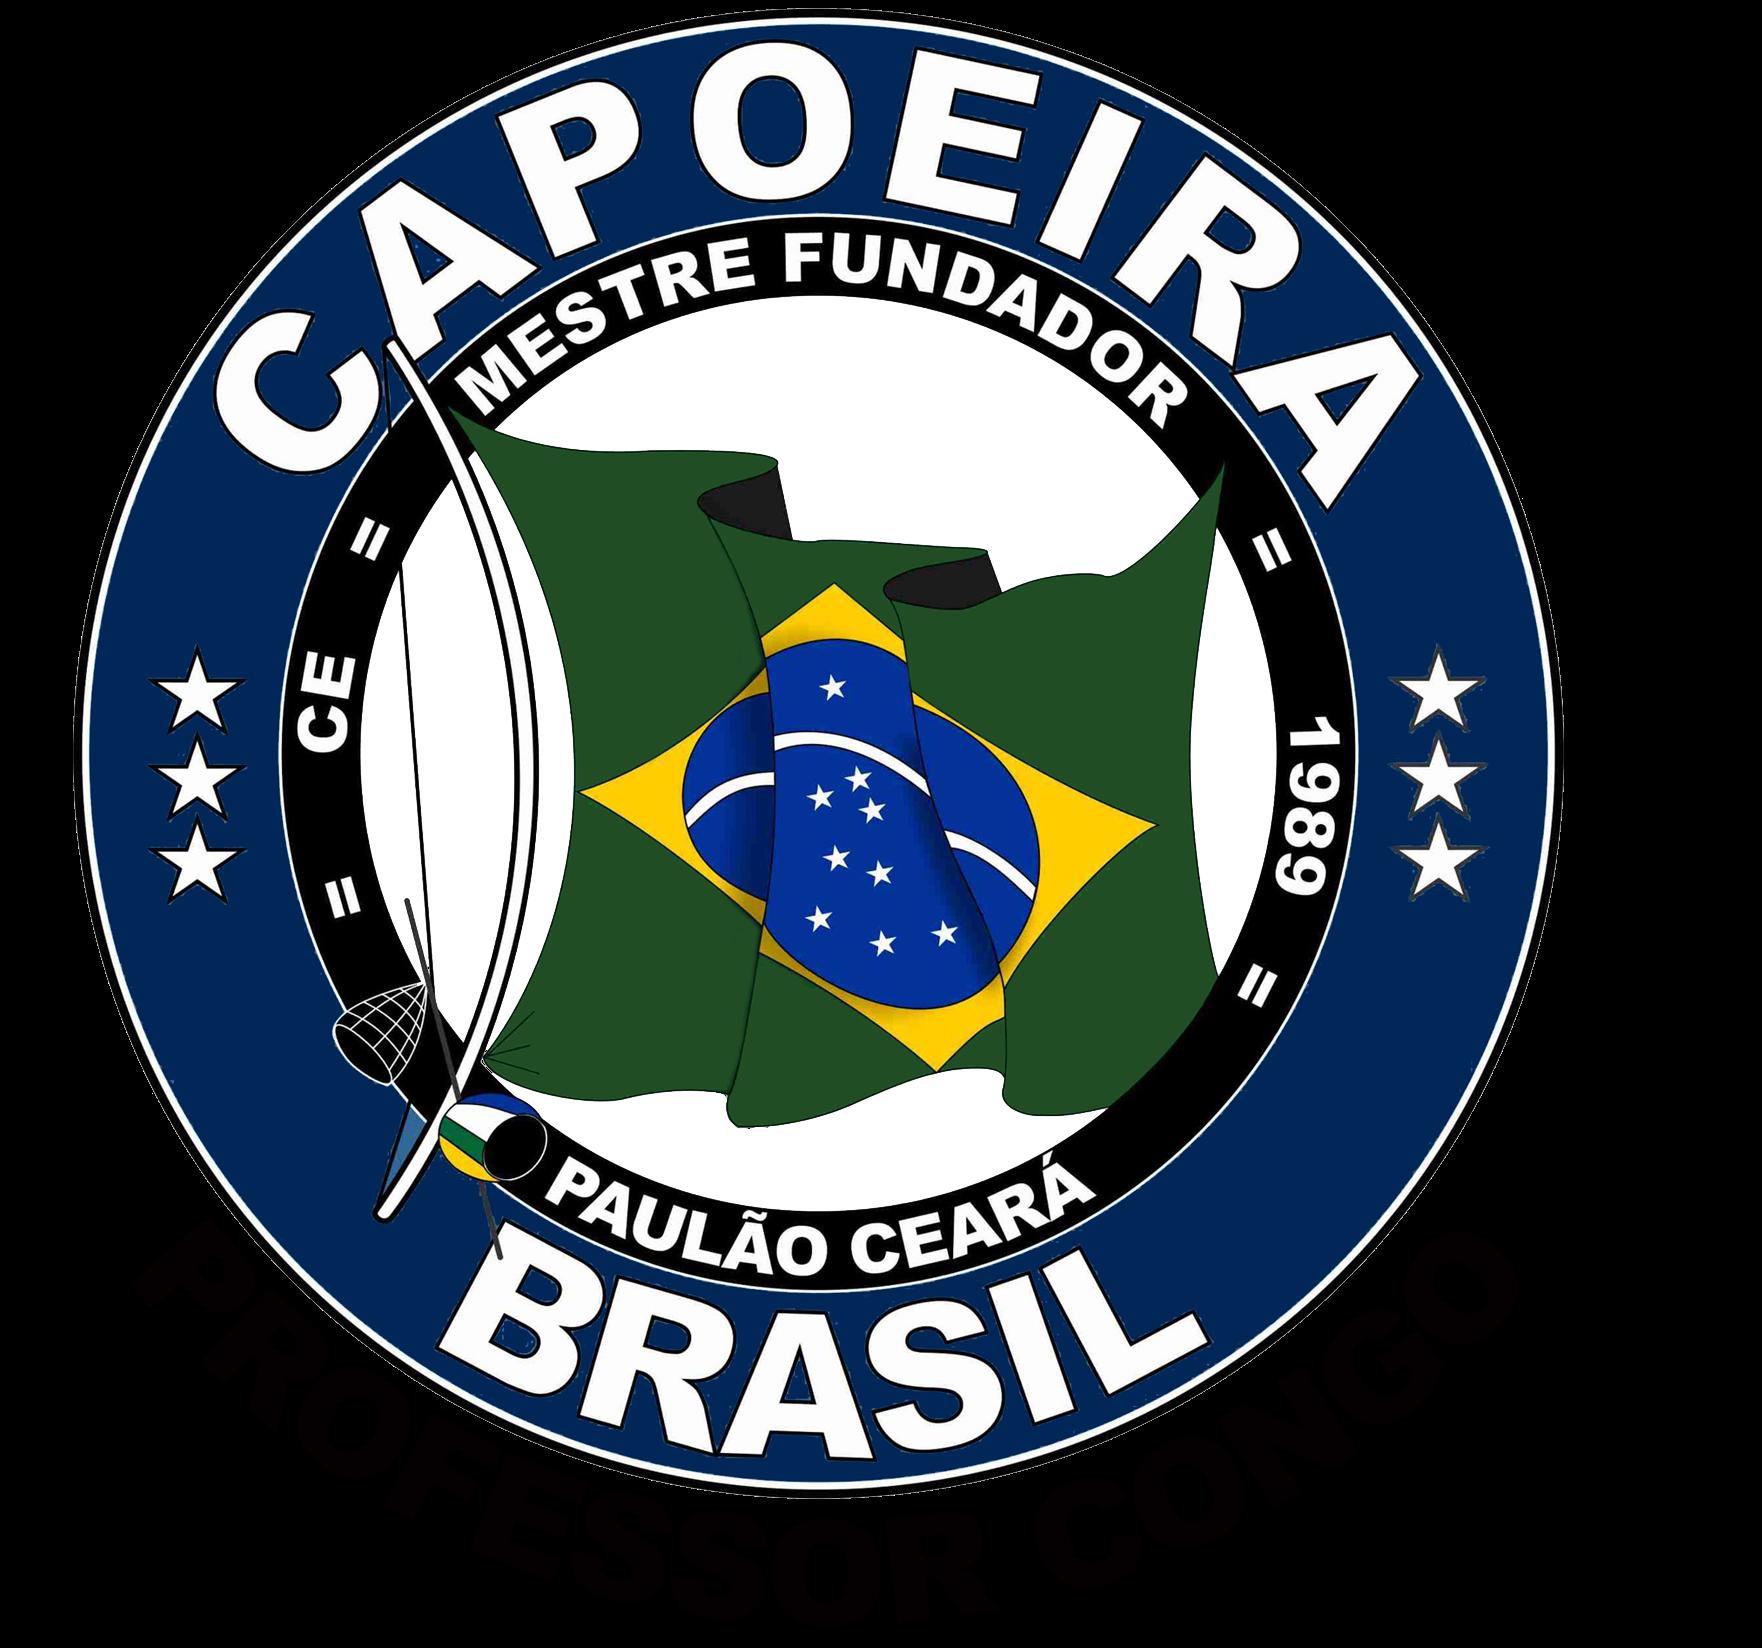 Grupo Capoeira Brasil Curacao